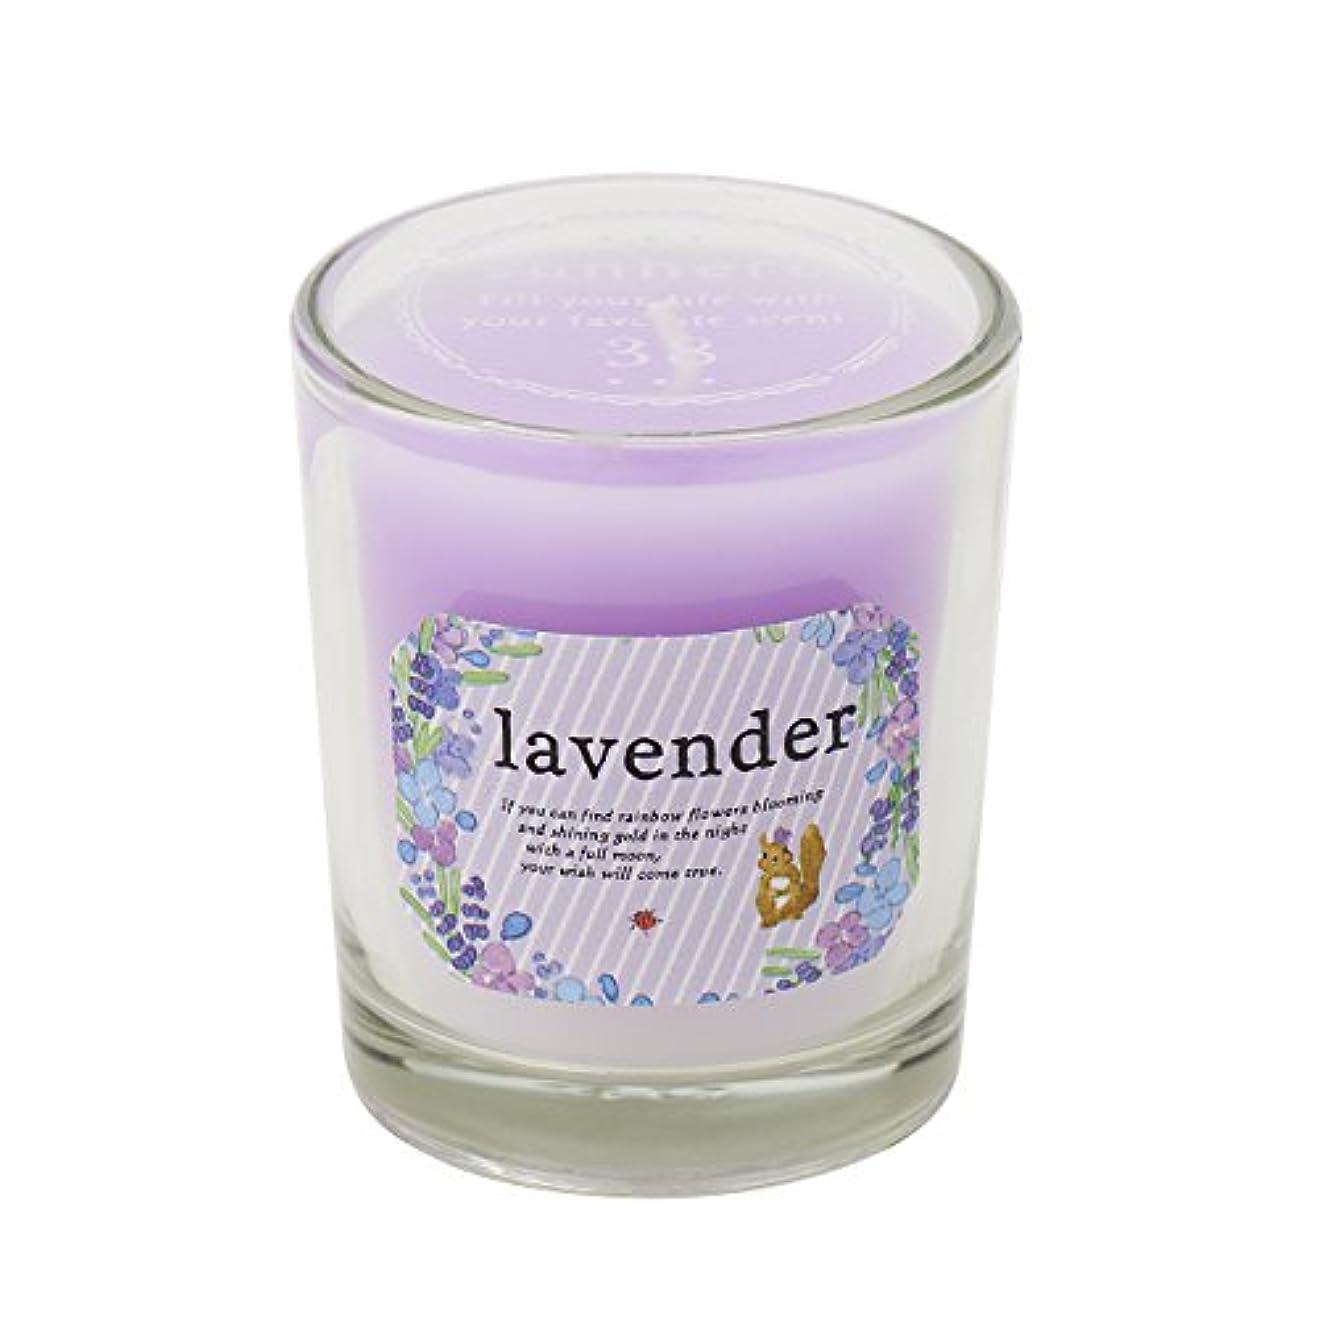 汗あらゆる種類の急行するサンハーブ グラスキャンドル ラベンダー 35g(グラデーションろうそく 燃焼時間約10時間 ふわっと爽やかなラベンダーの香り)